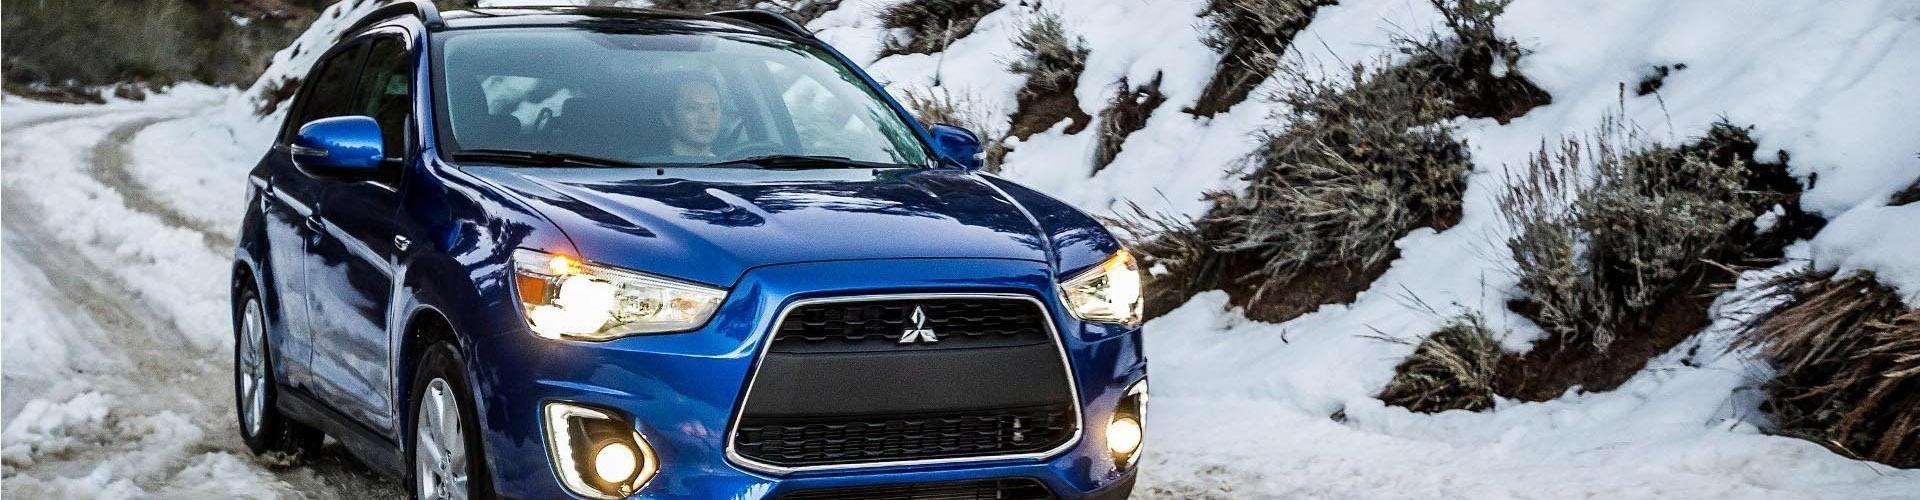 Sneeuwkettingen voor de Mitsubishi ASX